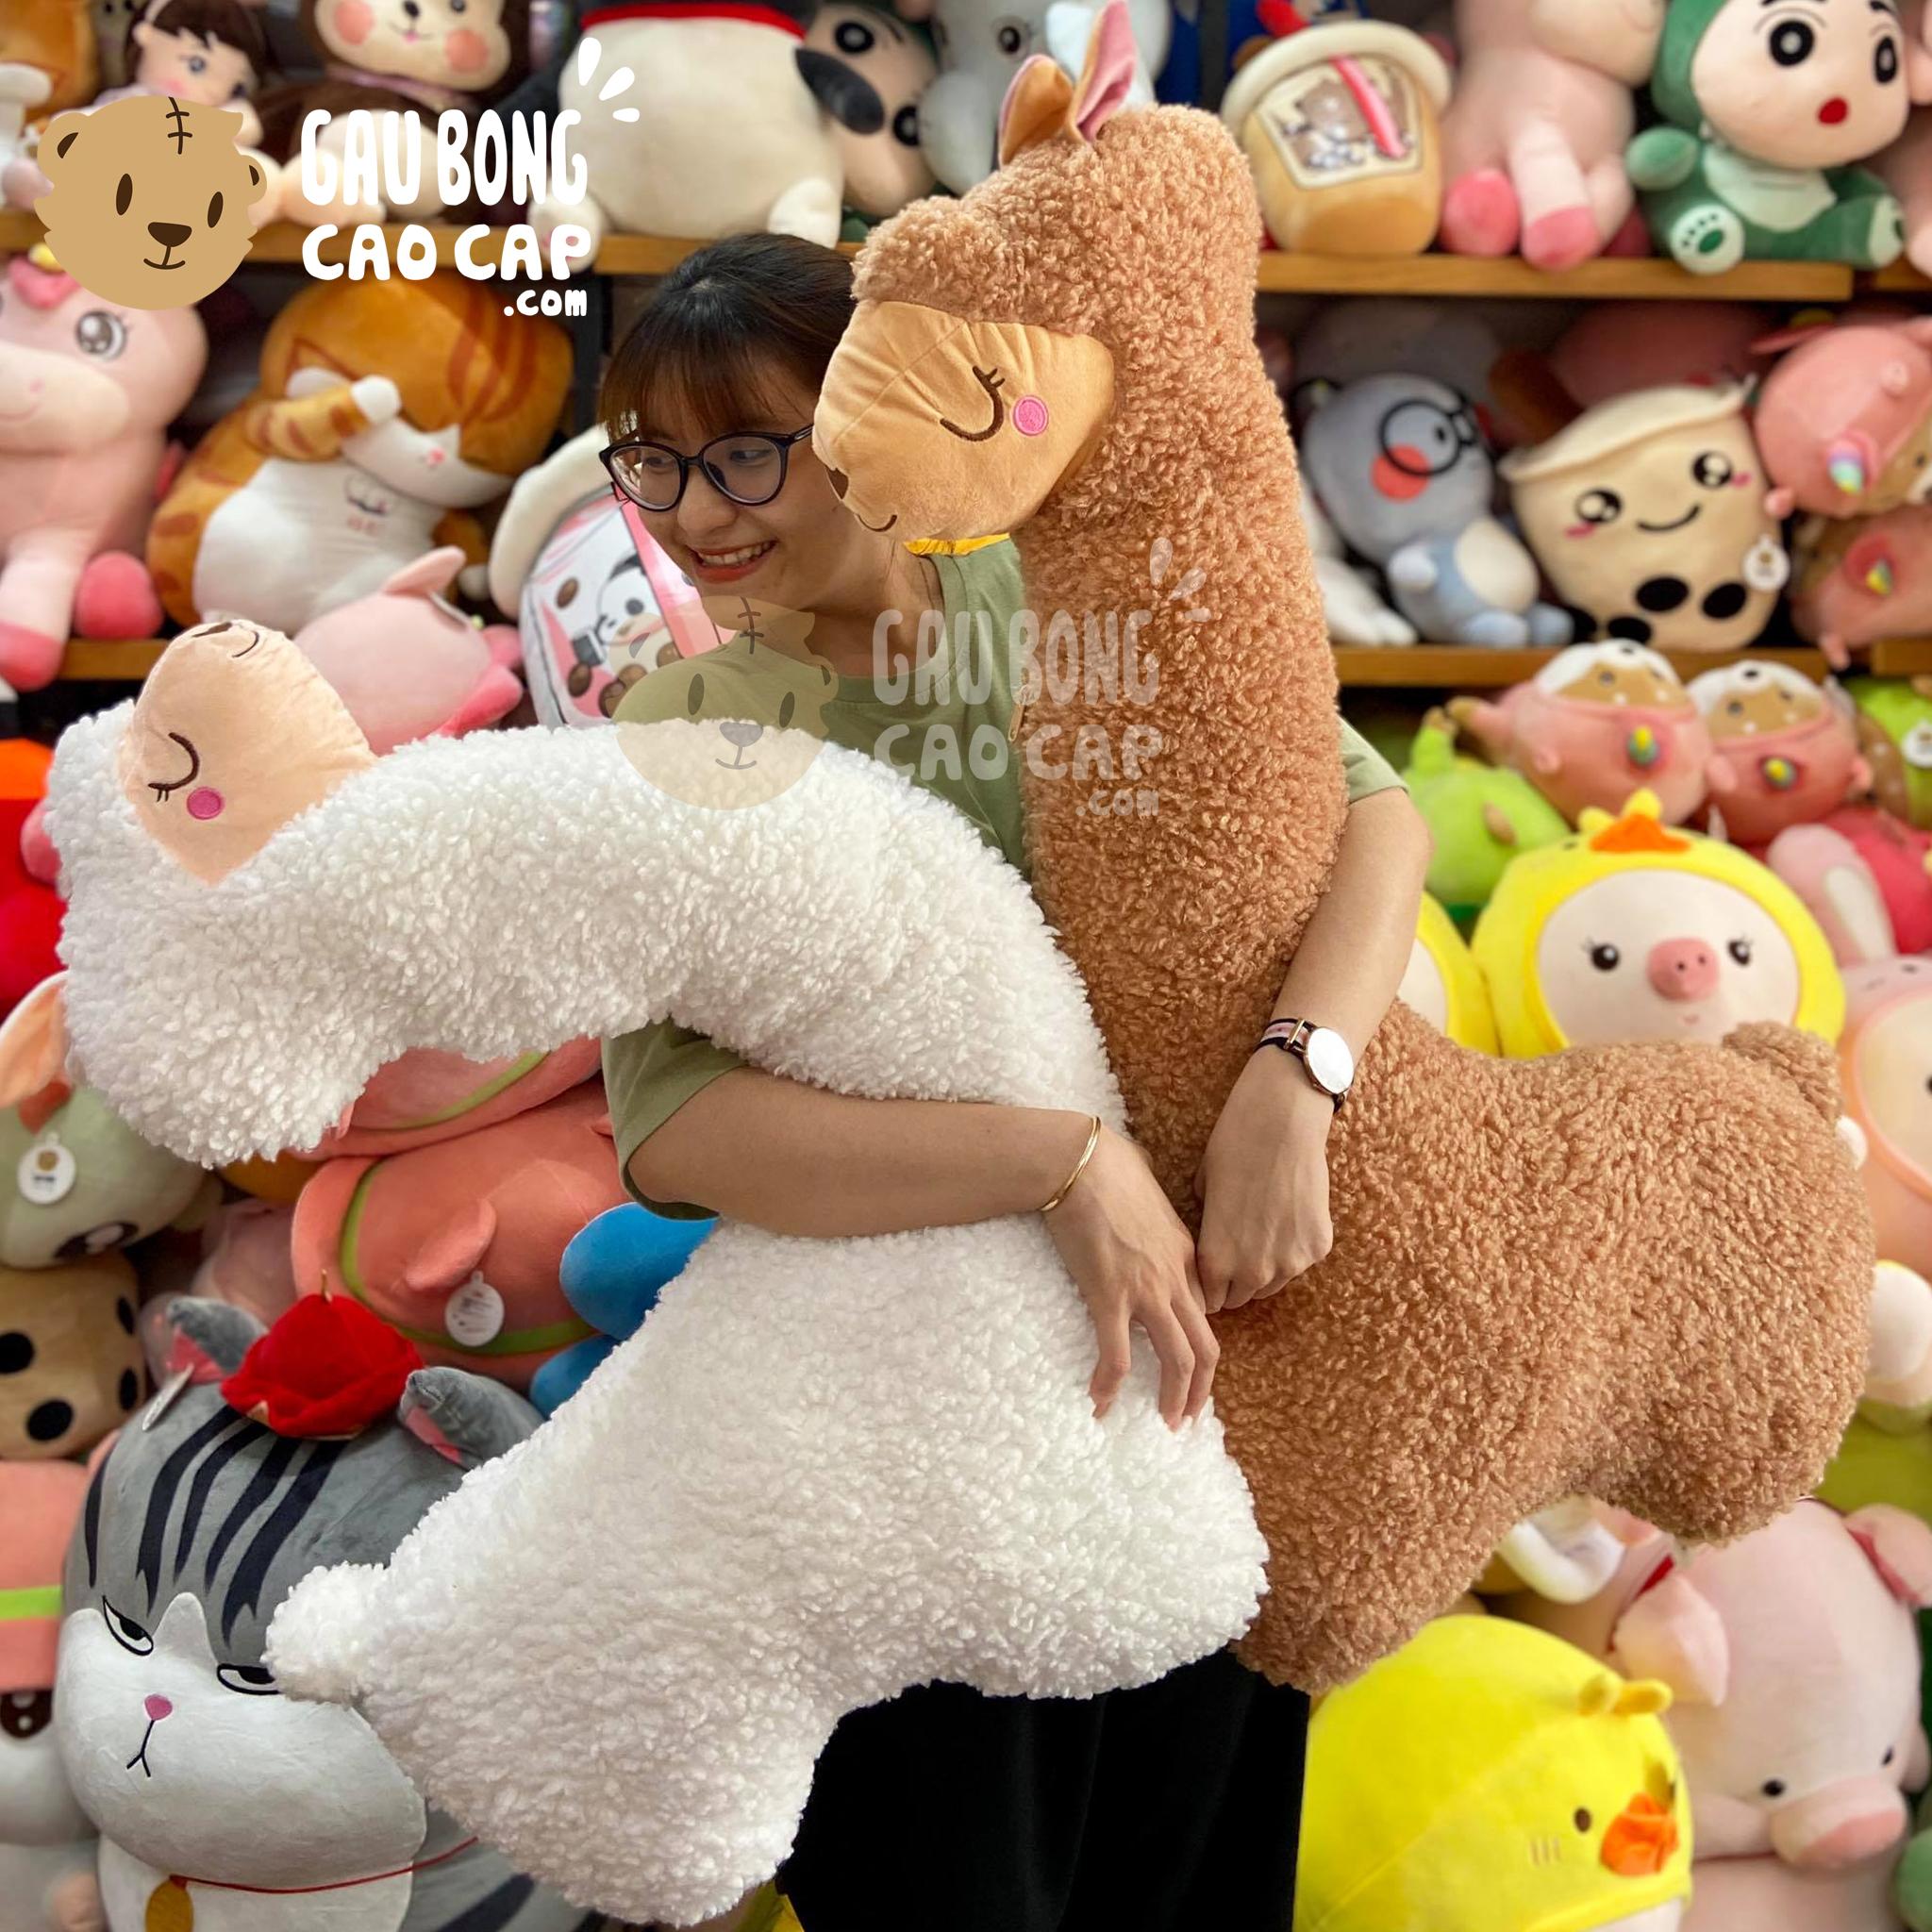 Gấu Bông Lạc Đà gối ôm